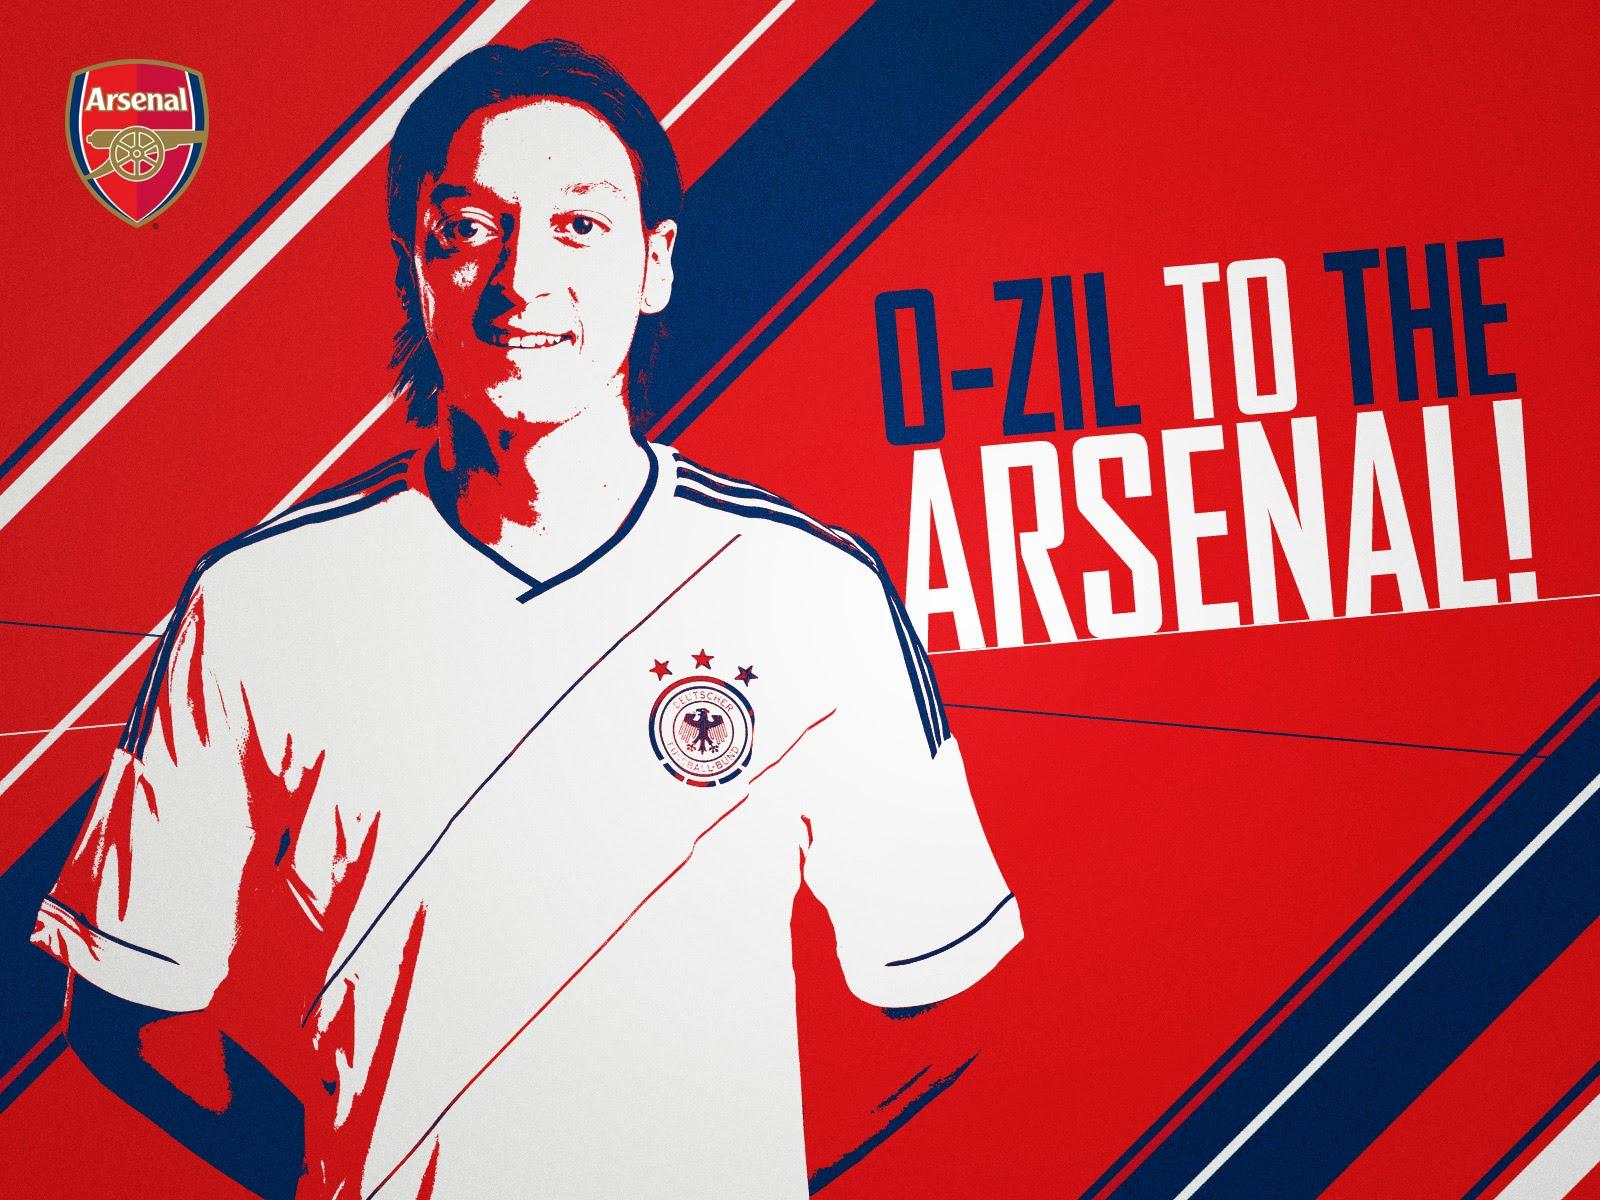 Mesut Ozil Arsenal 2014 The Gunner HD Desktop Wallpaper